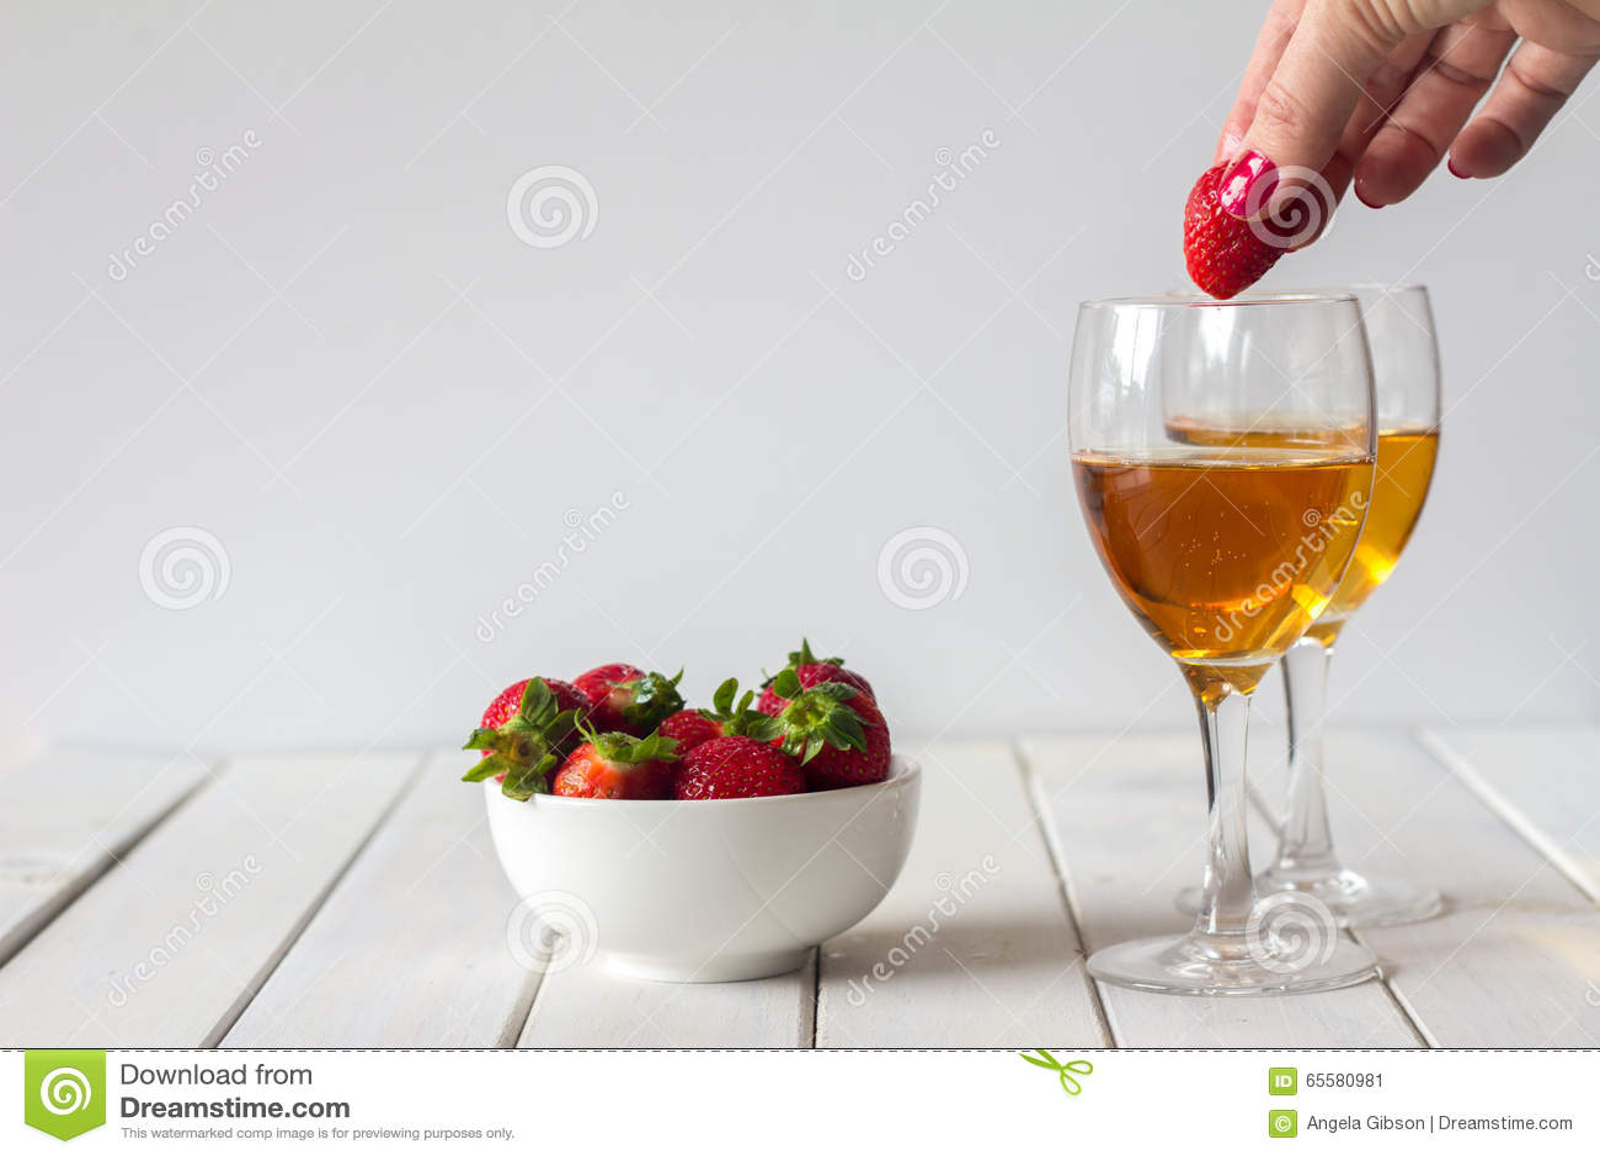 Vinho e morangos deixando cair no vidro na tabela com espaço da cópia